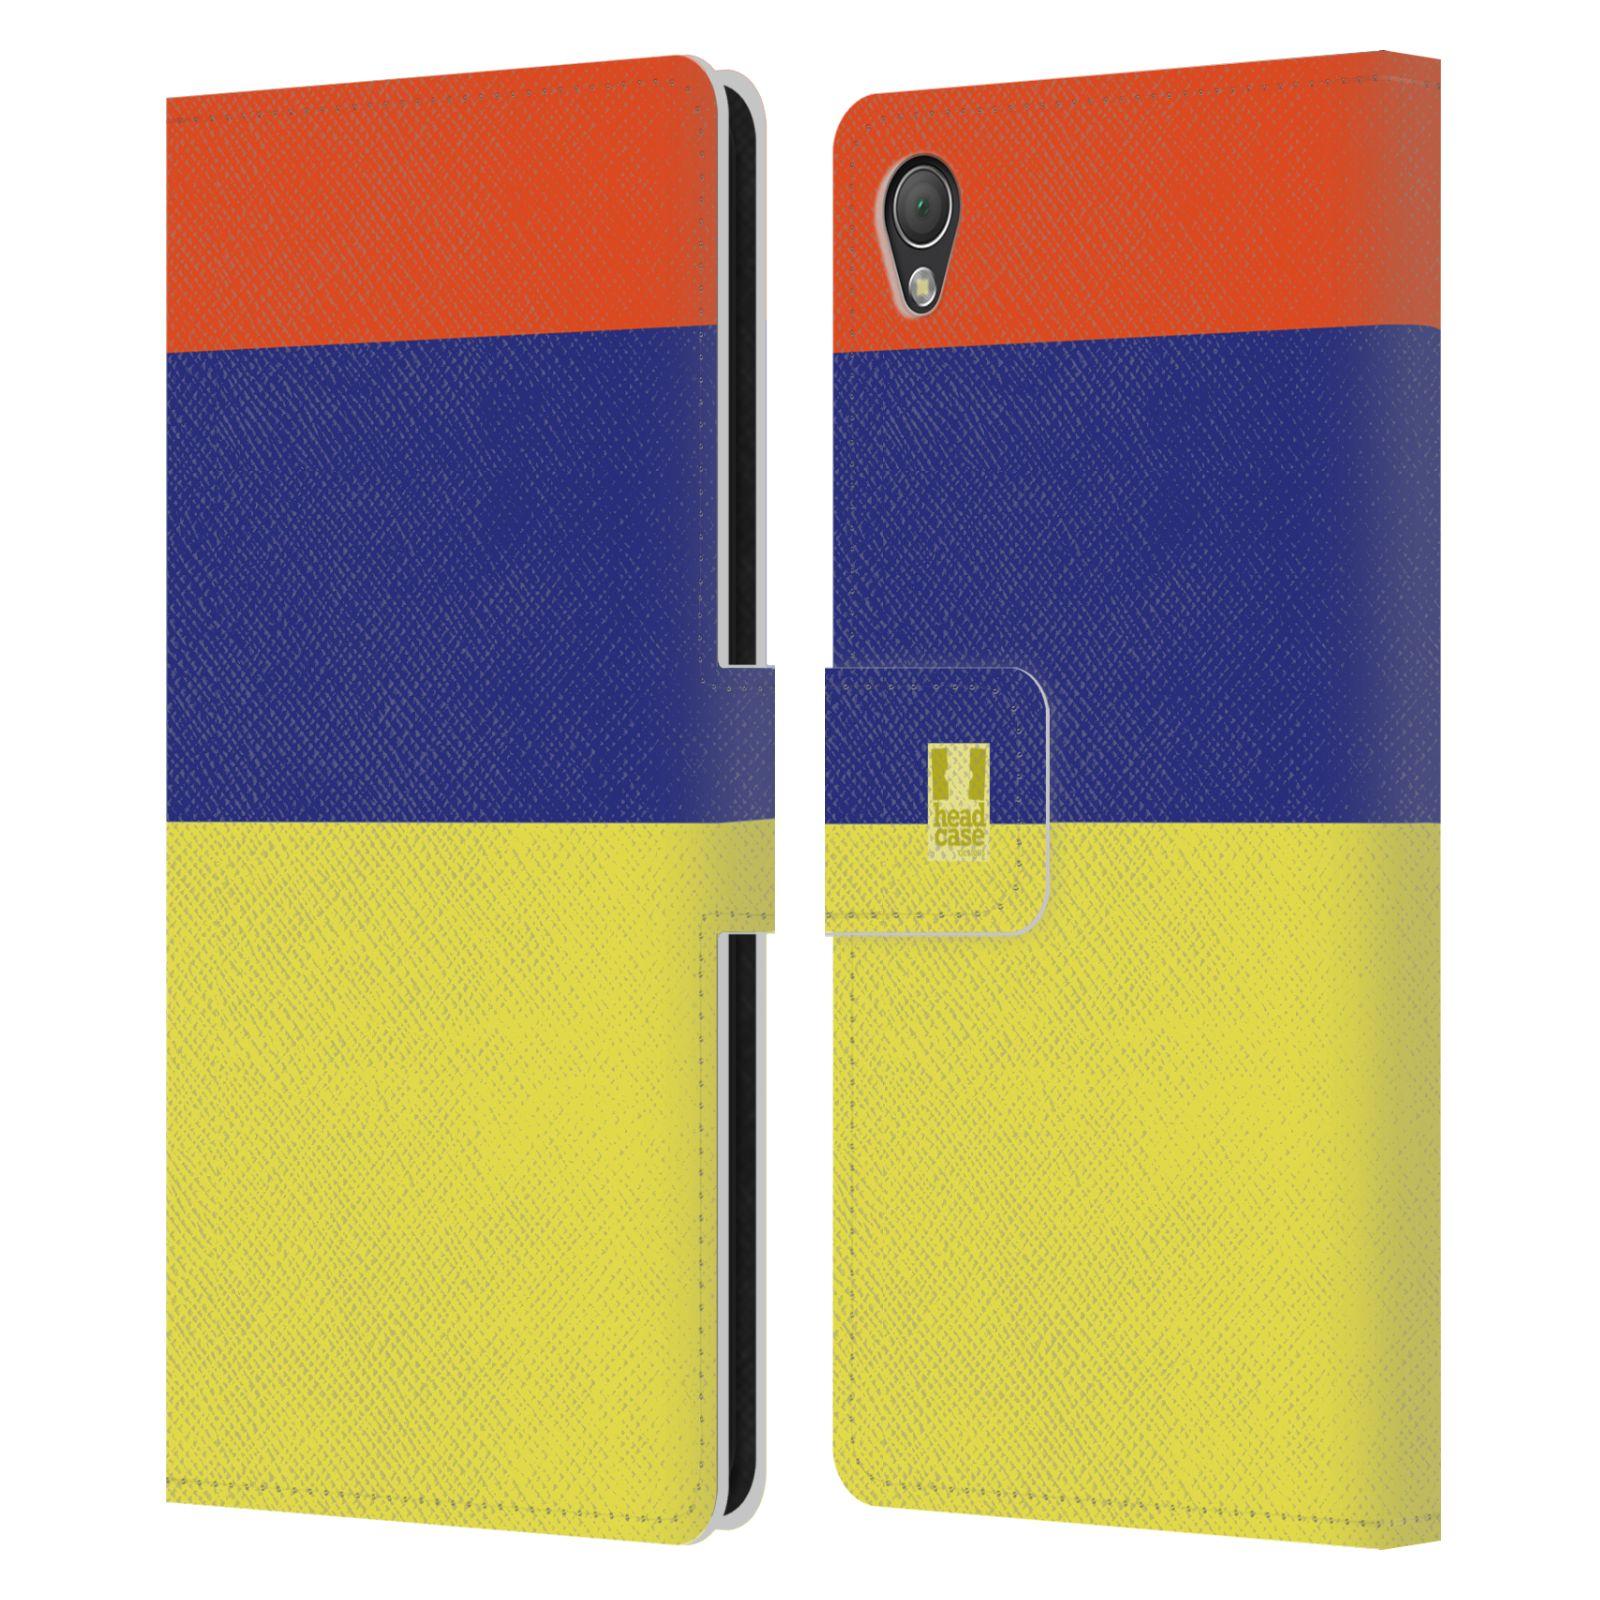 HEAD CASE Flipové pouzdro pro mobil SONY XPERIA Z3 barevné tvary žlutá, modrá, červená